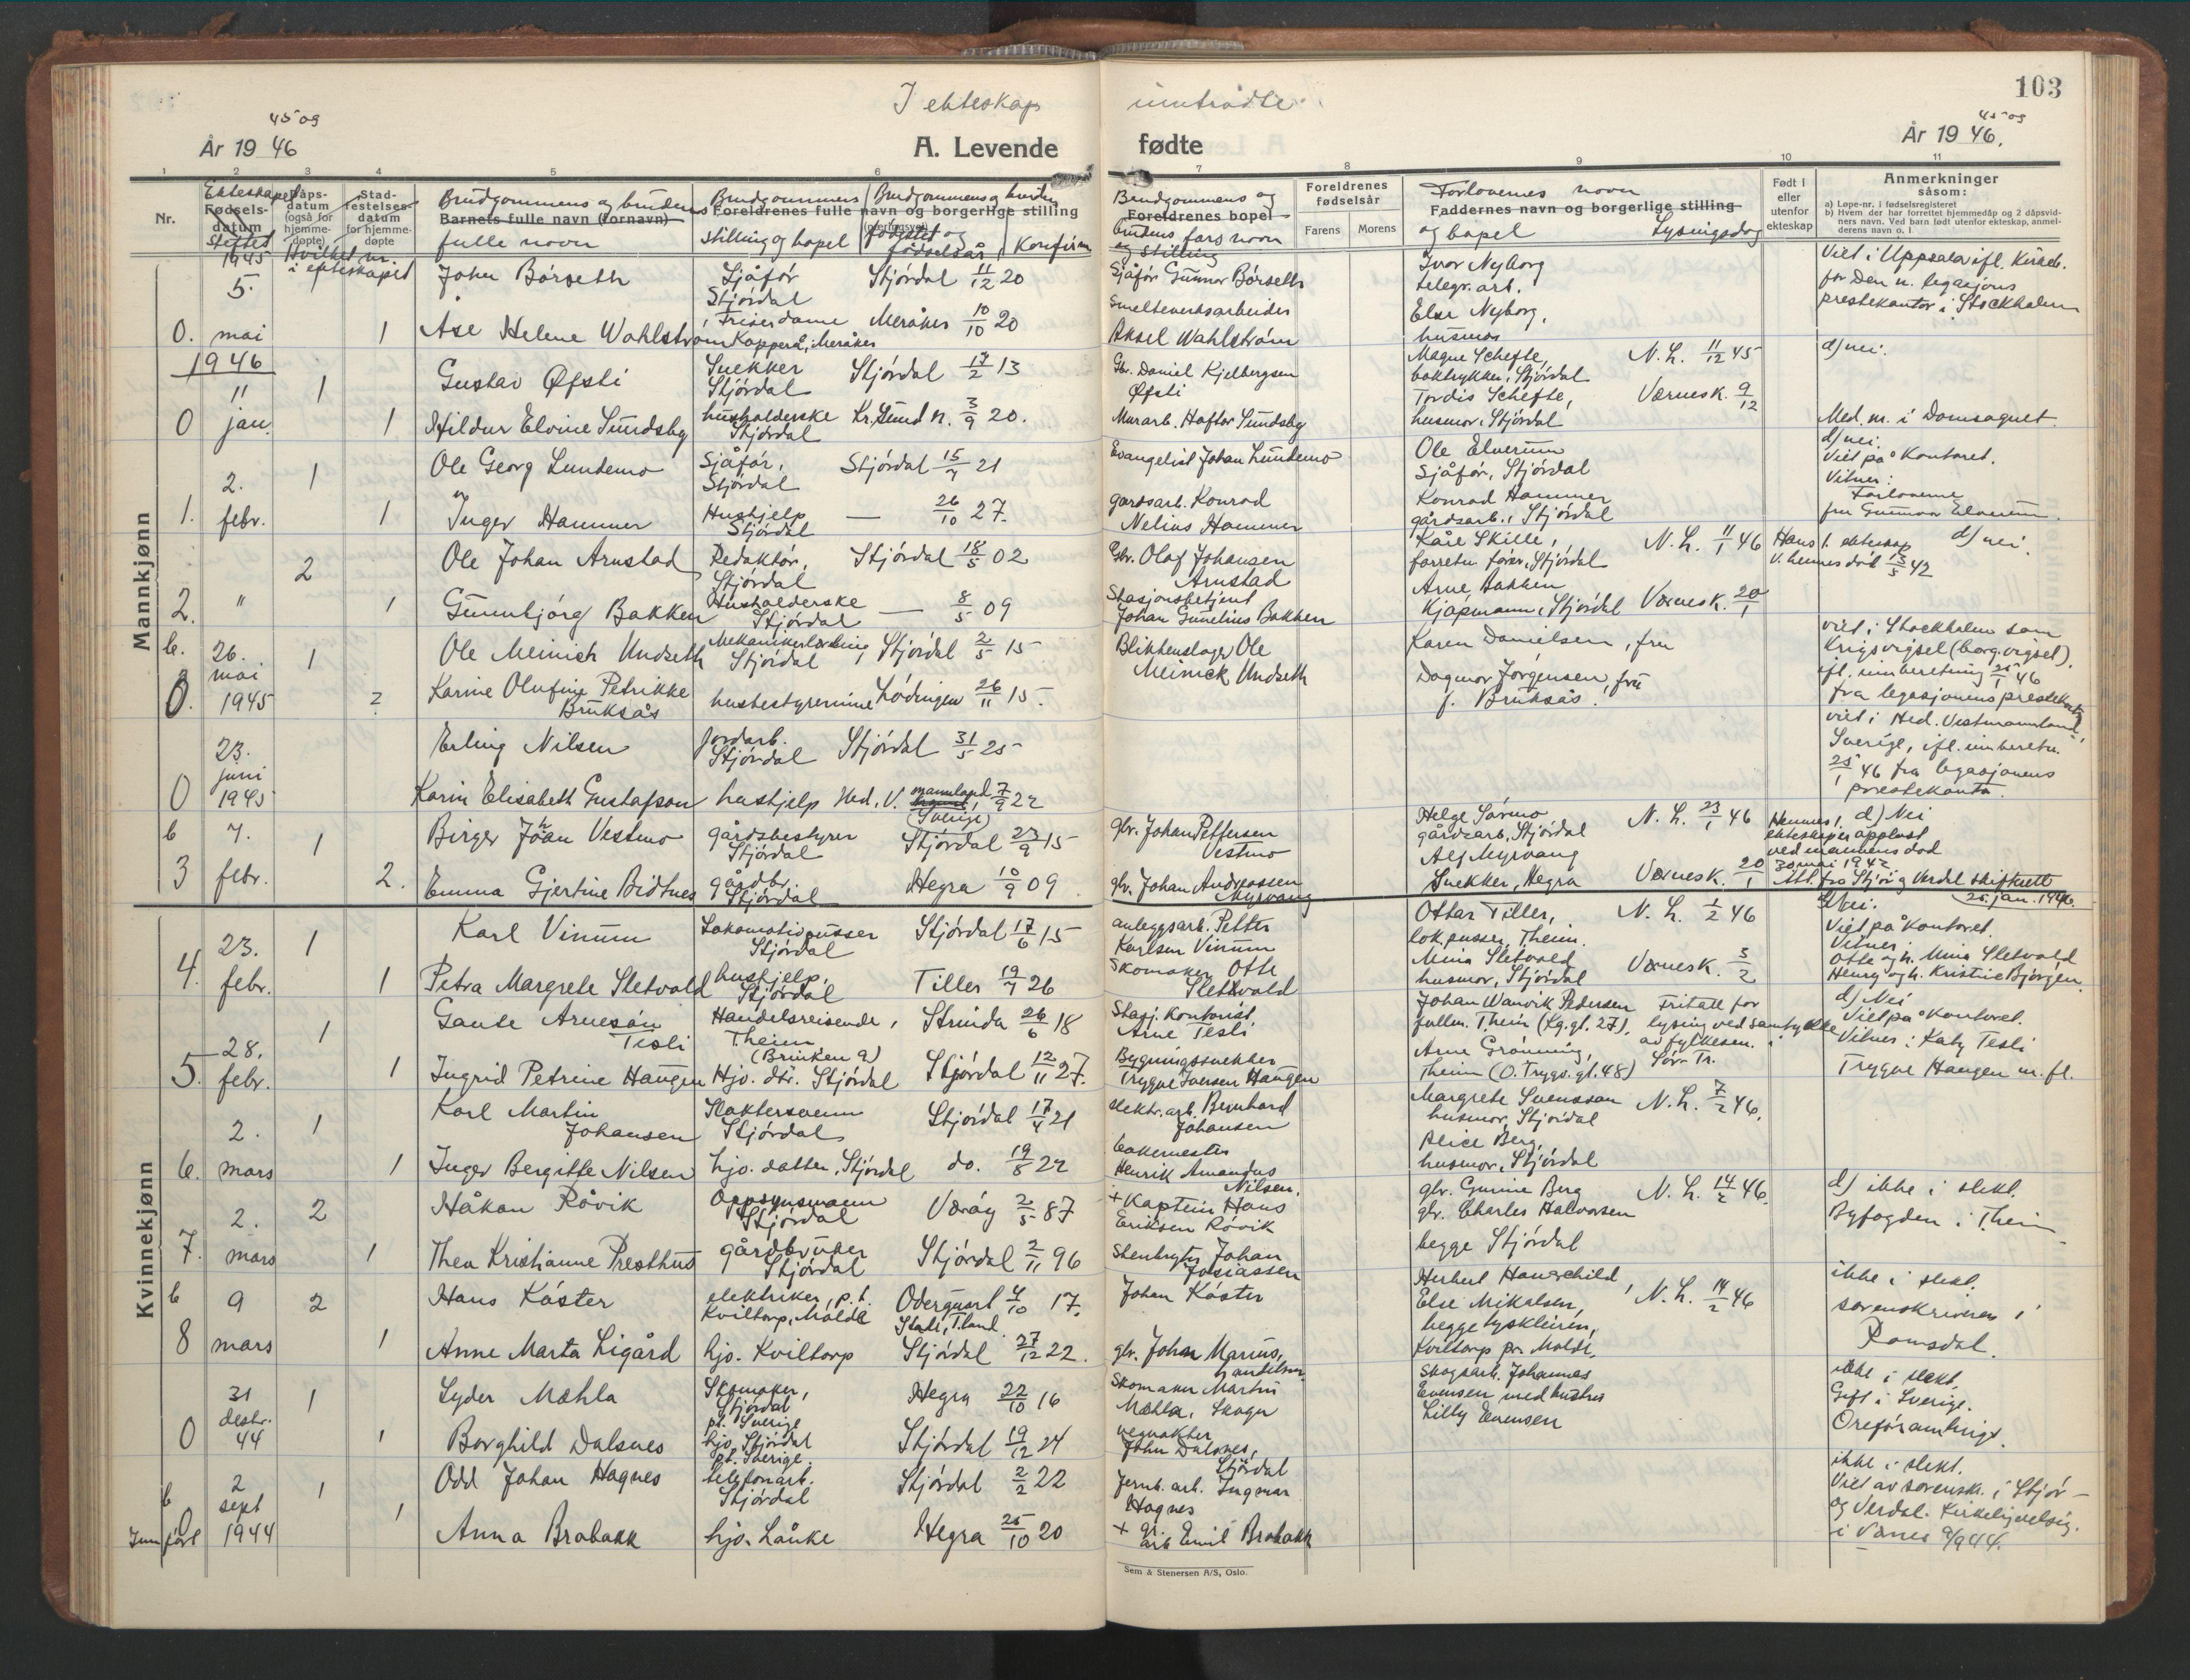 SAT, Ministerialprotokoller, klokkerbøker og fødselsregistre - Nord-Trøndelag, 709/L0089: Klokkerbok nr. 709C03, 1935-1948, s. 103